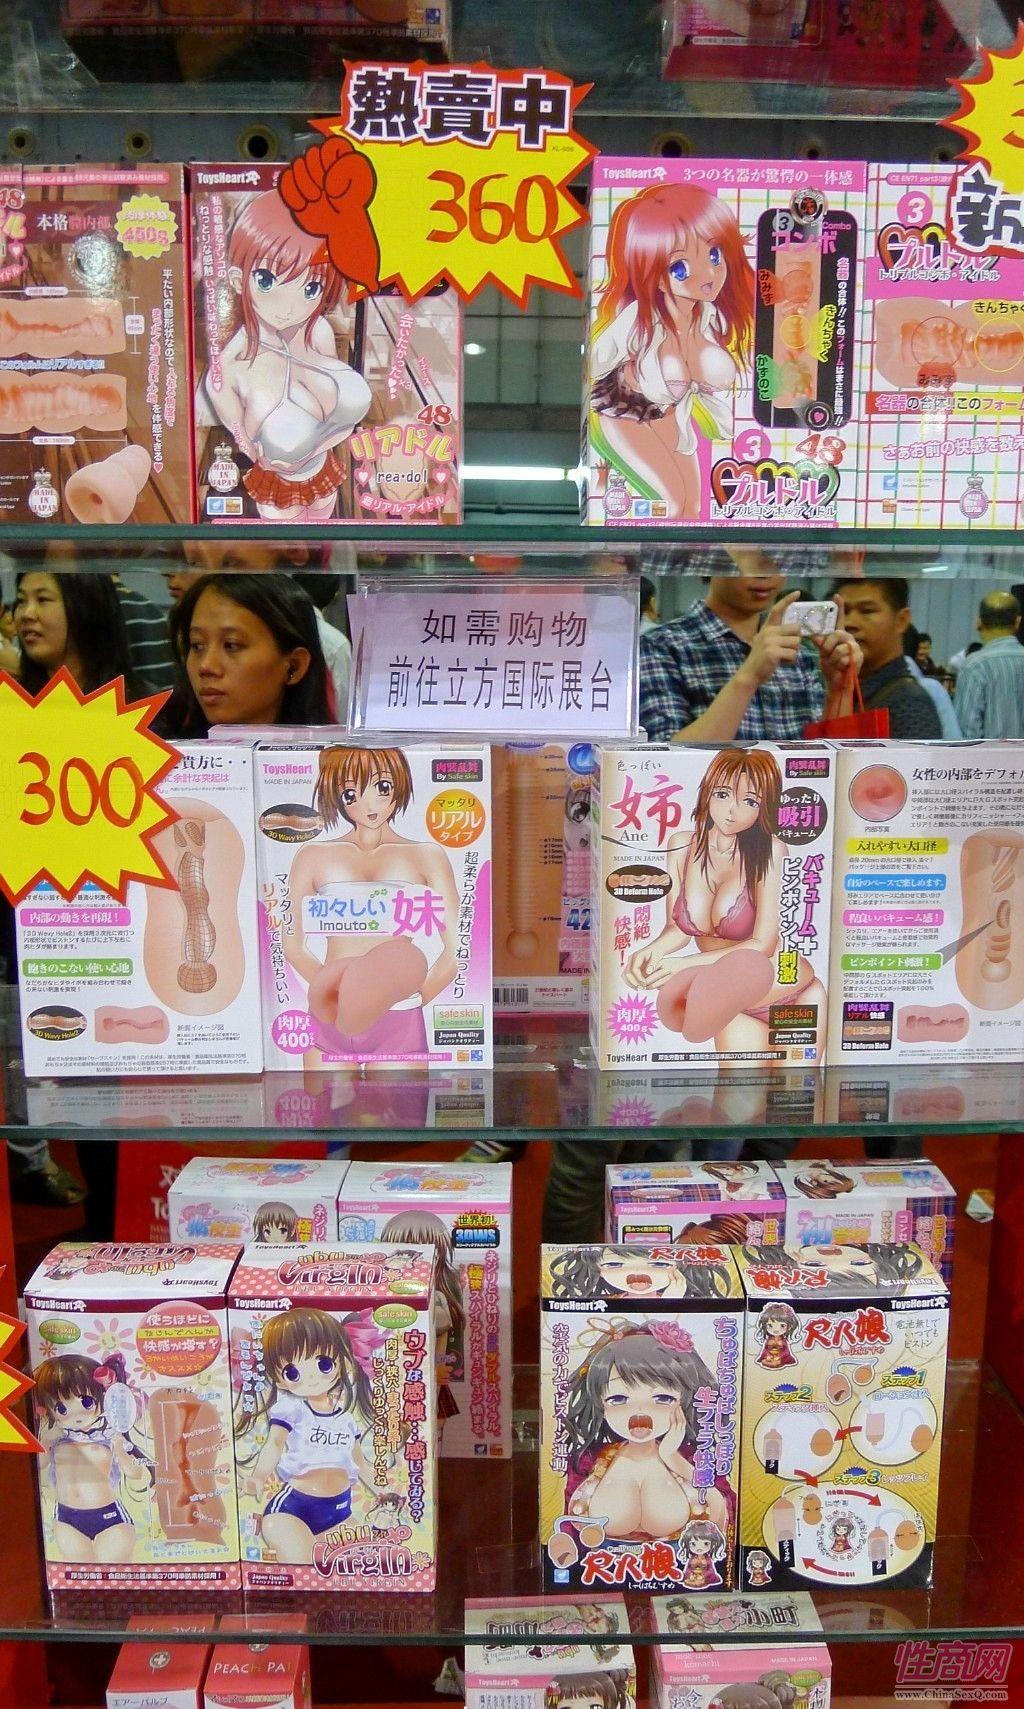 2011广州性文化节――展会现场图片32